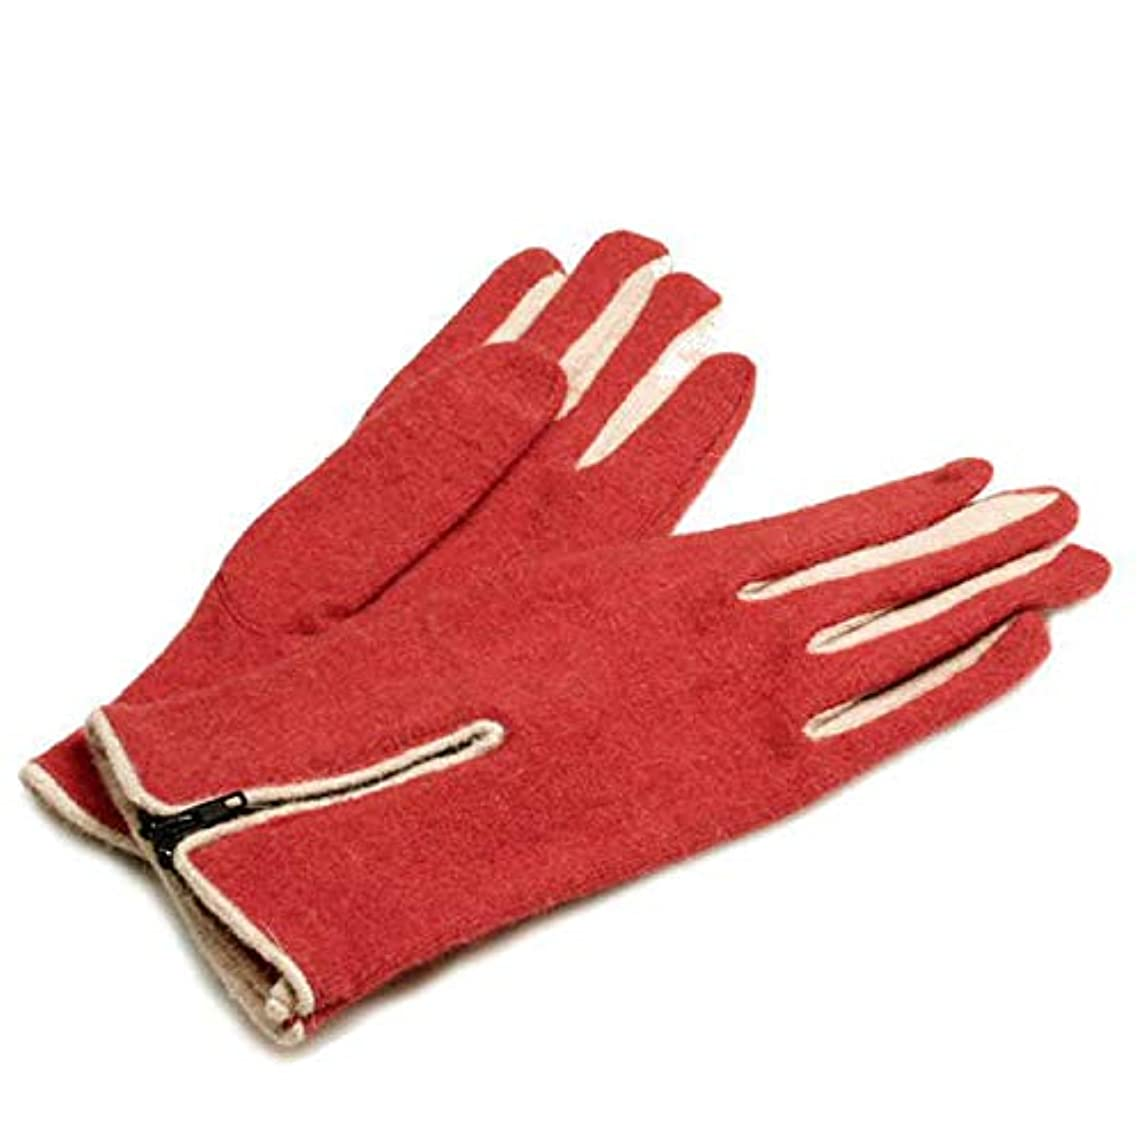 話すギャザー限定秋と冬レディースフィンガー手袋ショートセクション厚手のウール手袋乗馬ウォーム手袋を運転する